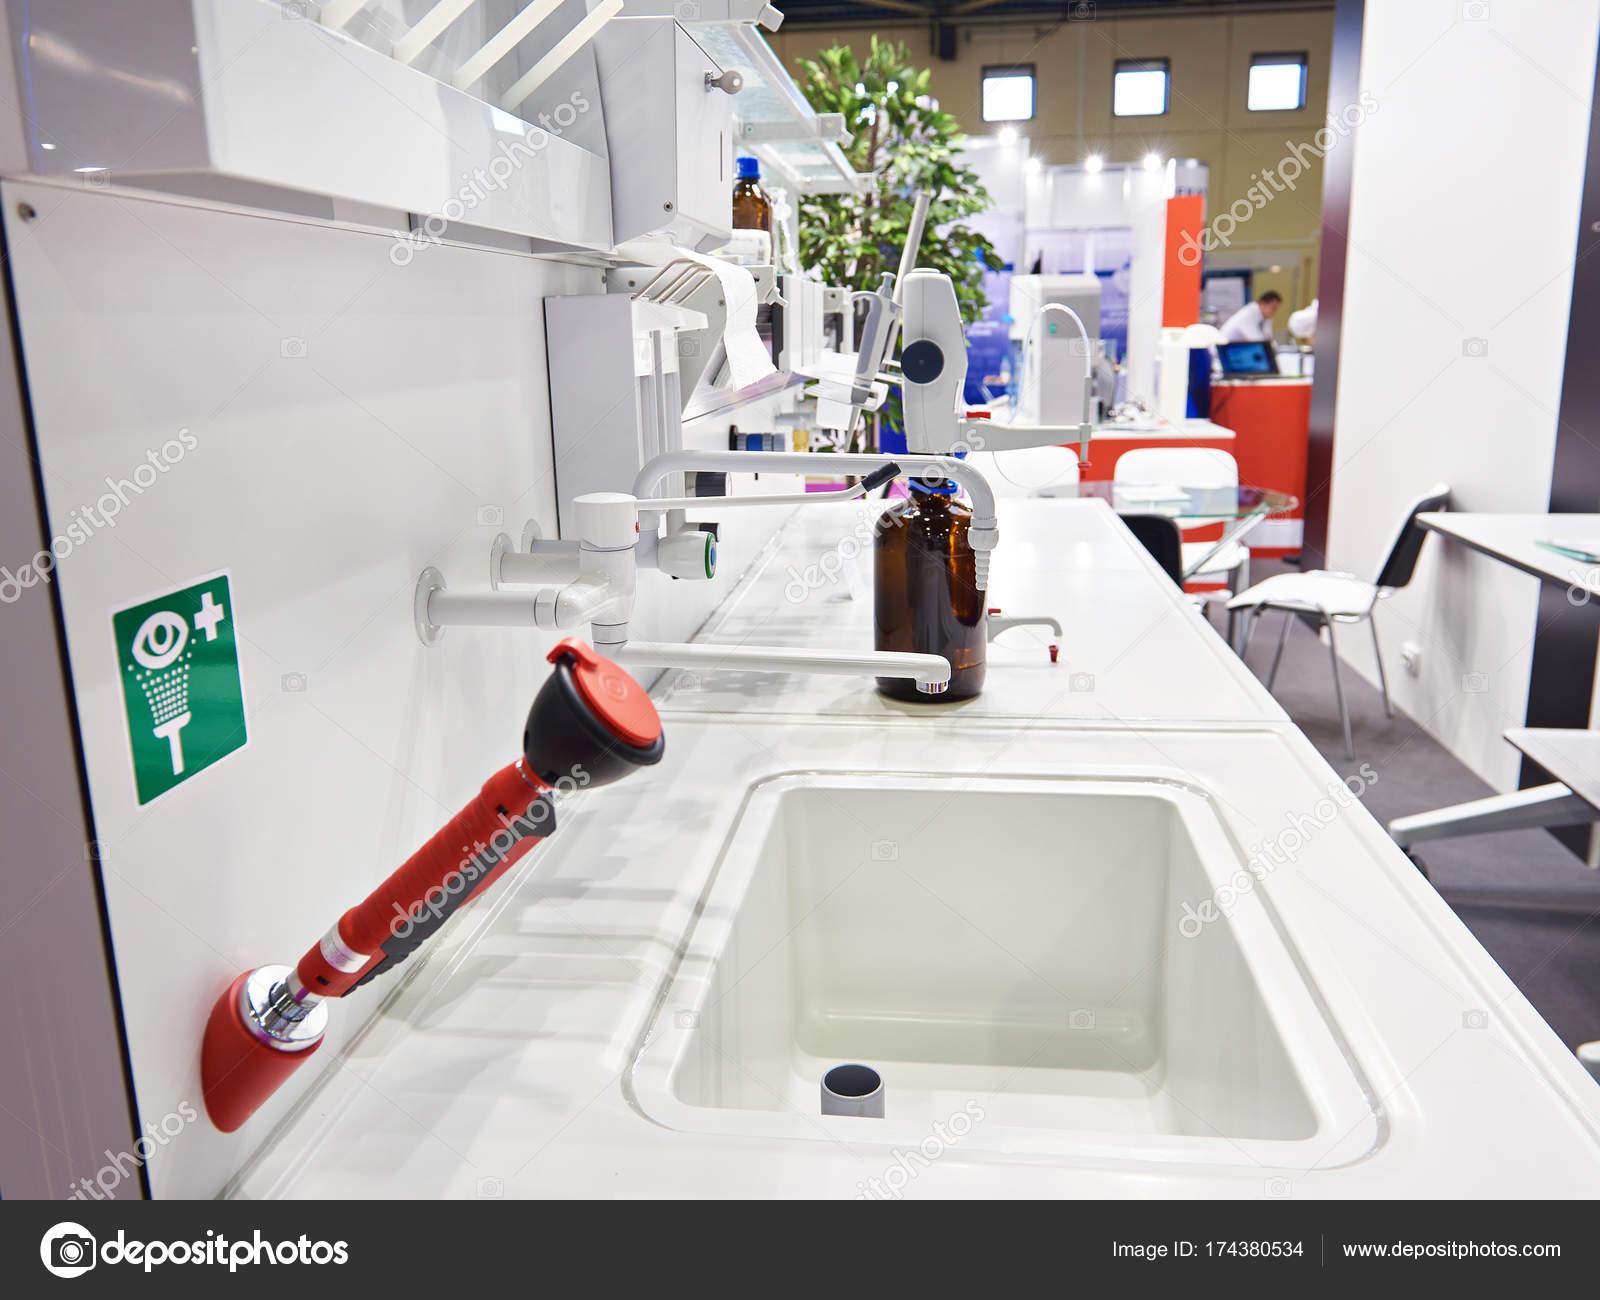 Banco Di Lavoro Per Laboratorio Chimico : Tavolo di lavoro in laboratorio chimico u foto stock ryzhov